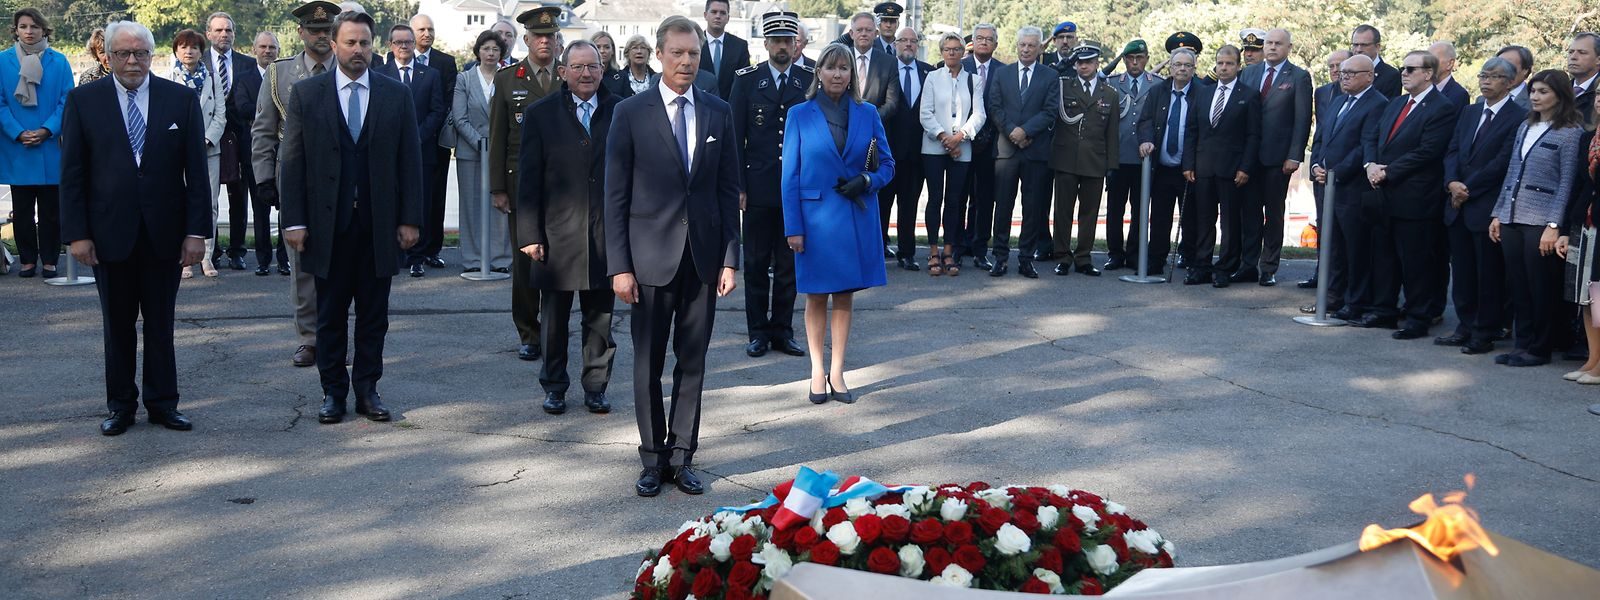 Die Erinnerungsfeierlichkeiten an den 75. Jahrestag der Befreiung der Hauptstadt begannen mit einer offiziellen Kranzniederlegung am Kanounenhiwwel.